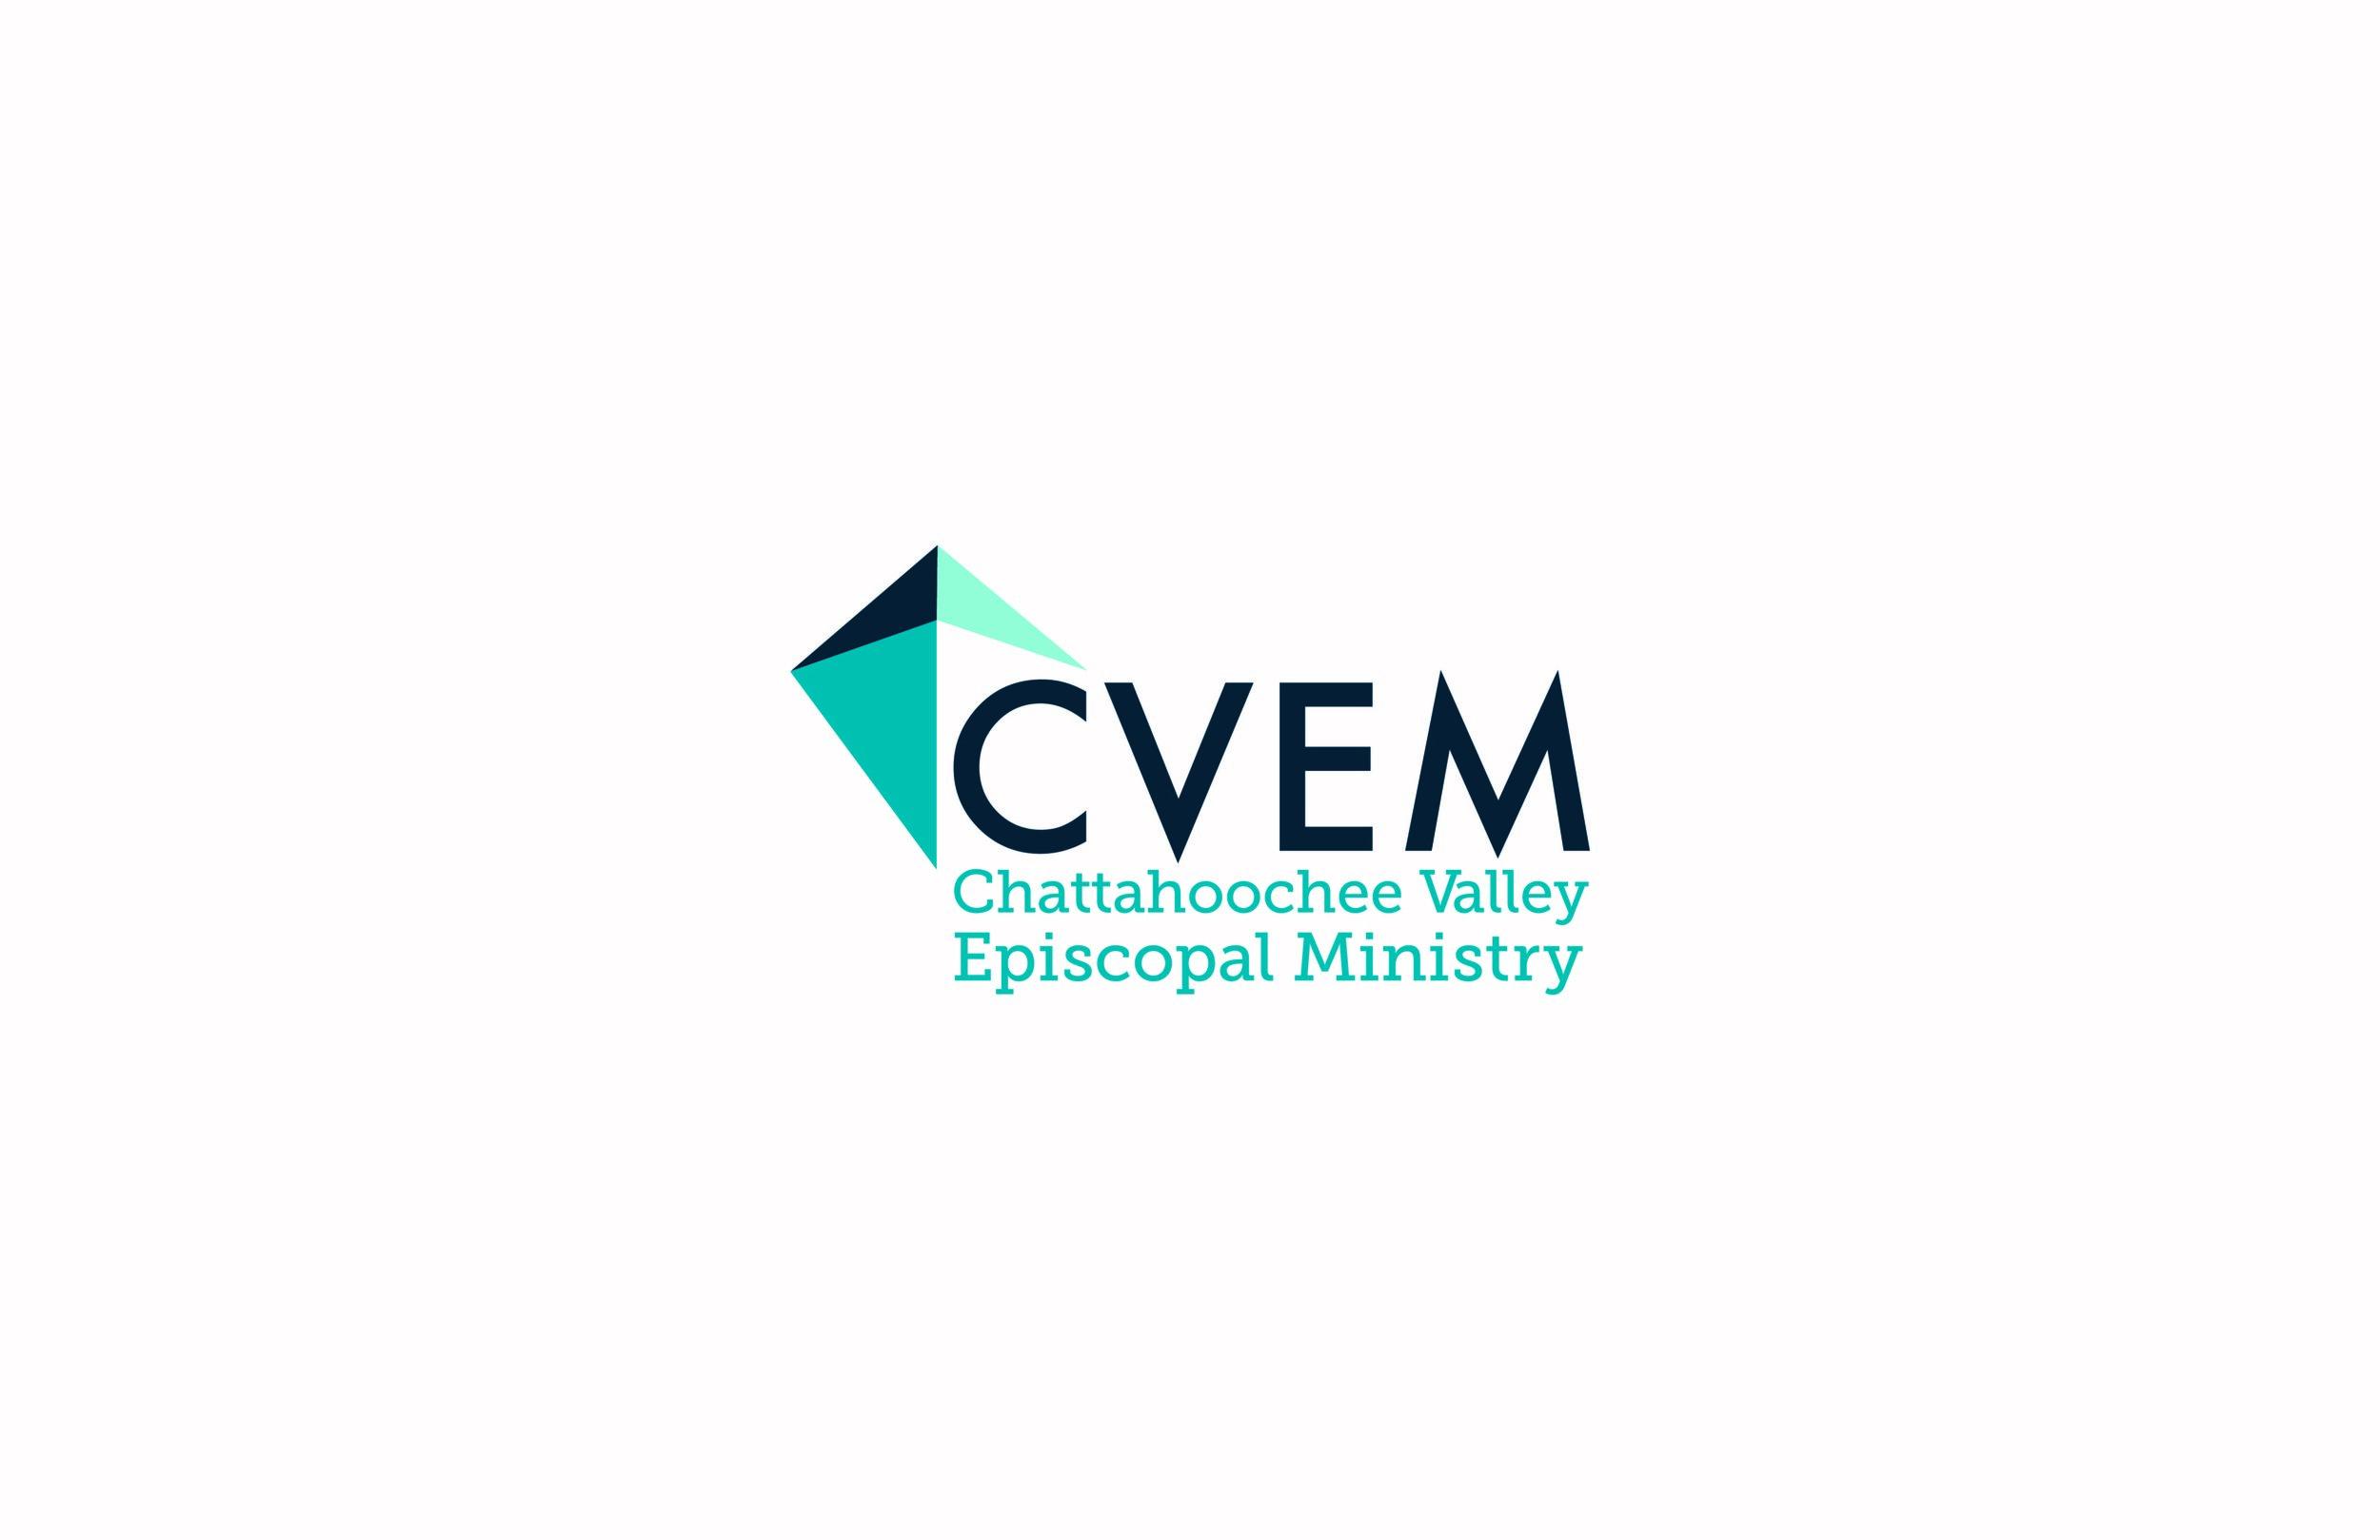 CVEM master logo-01.jpg